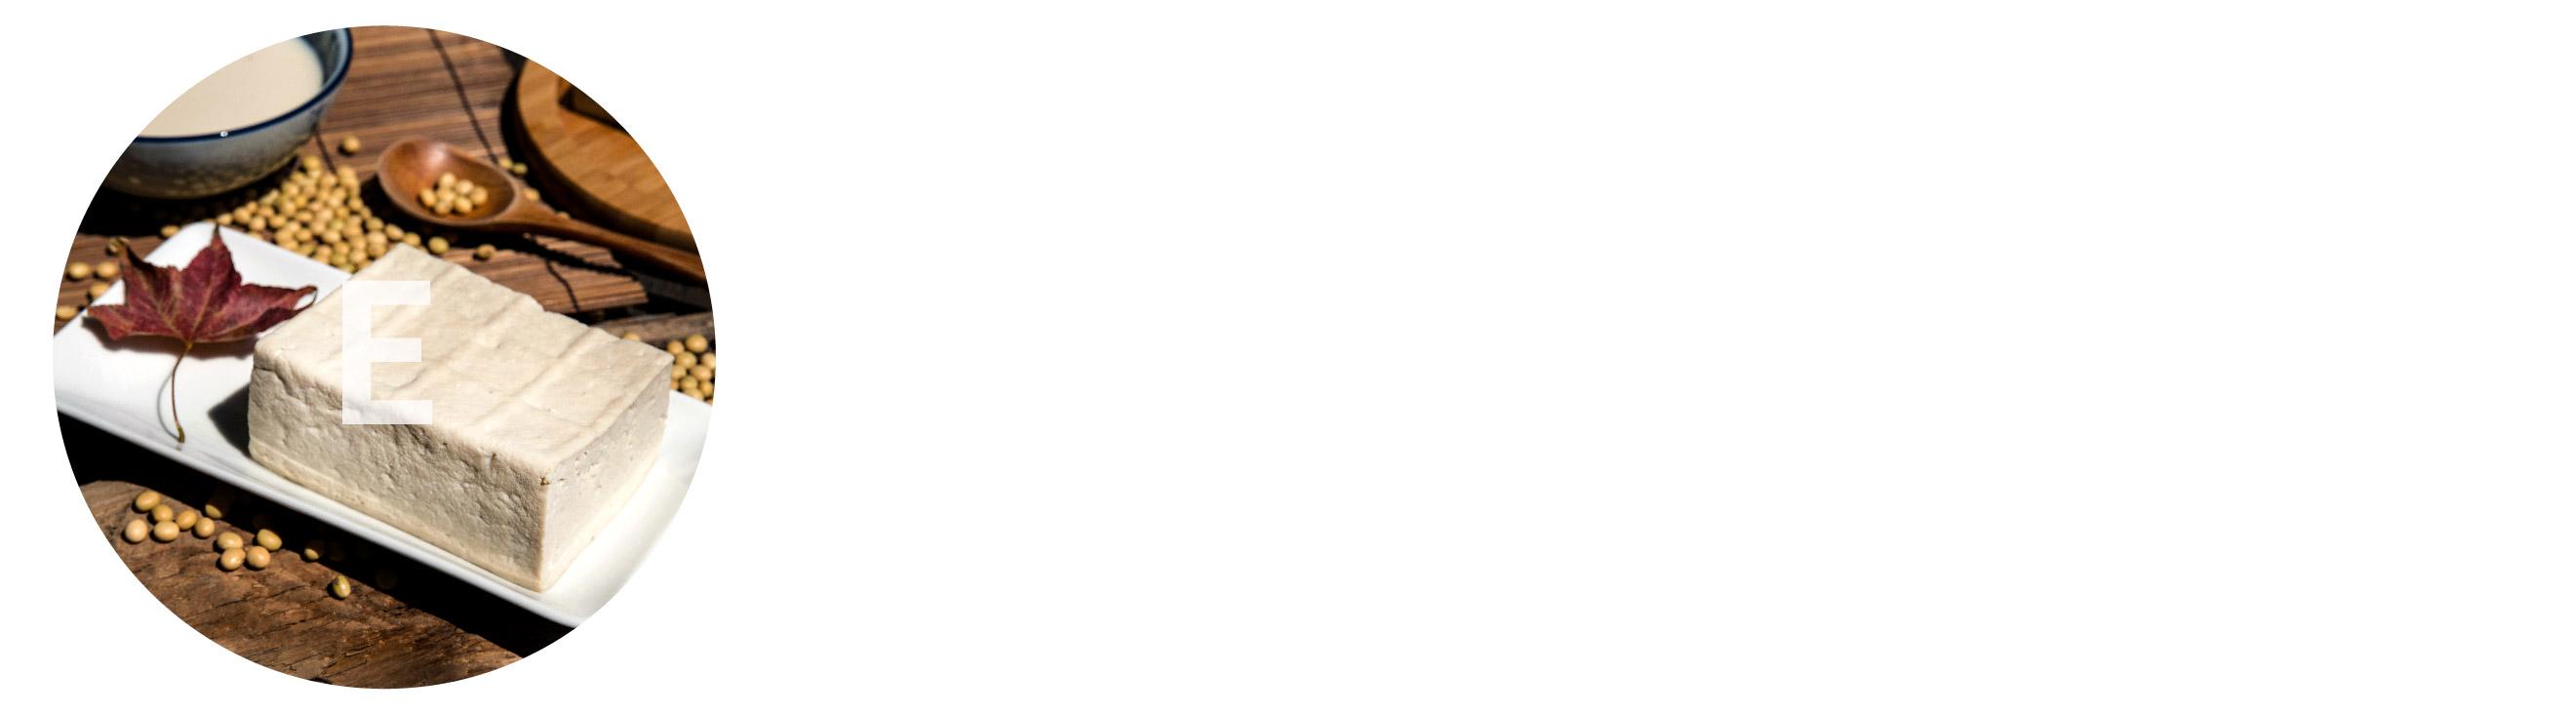 甘樂文創社創良品採購型錄_工作區域 1 複本 44.jpg